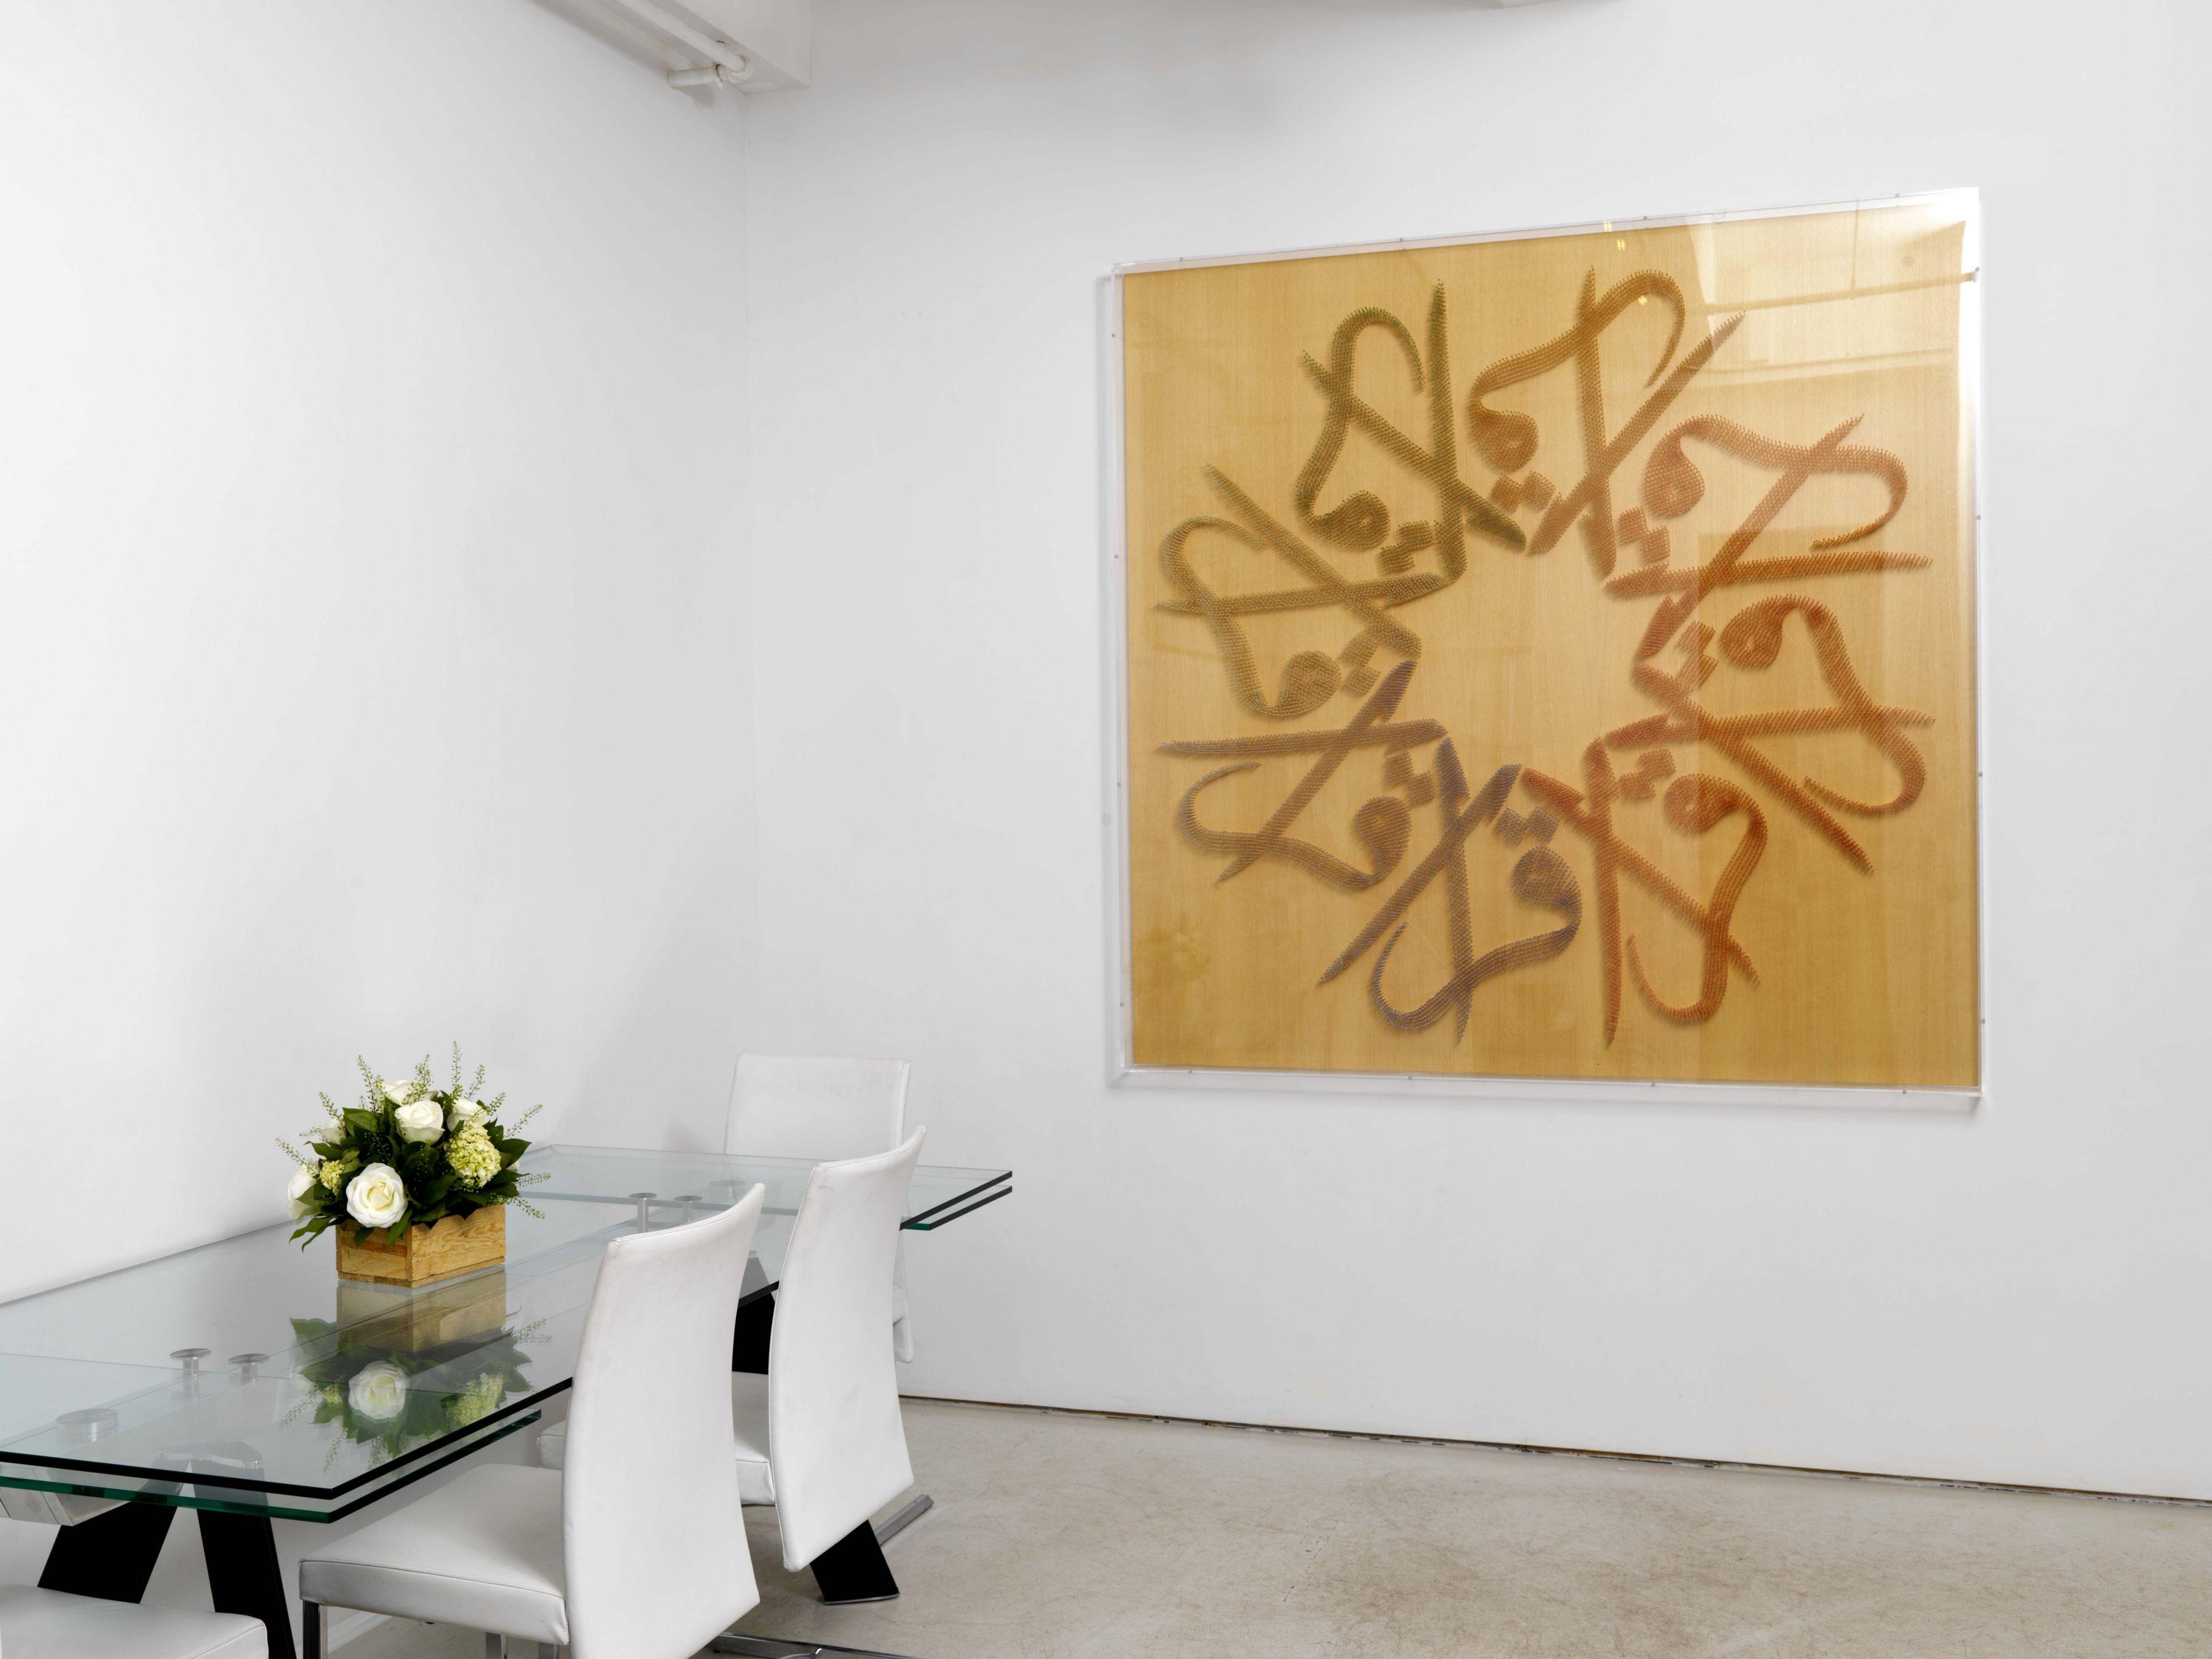 Moataz Nasr: Broken Patterns